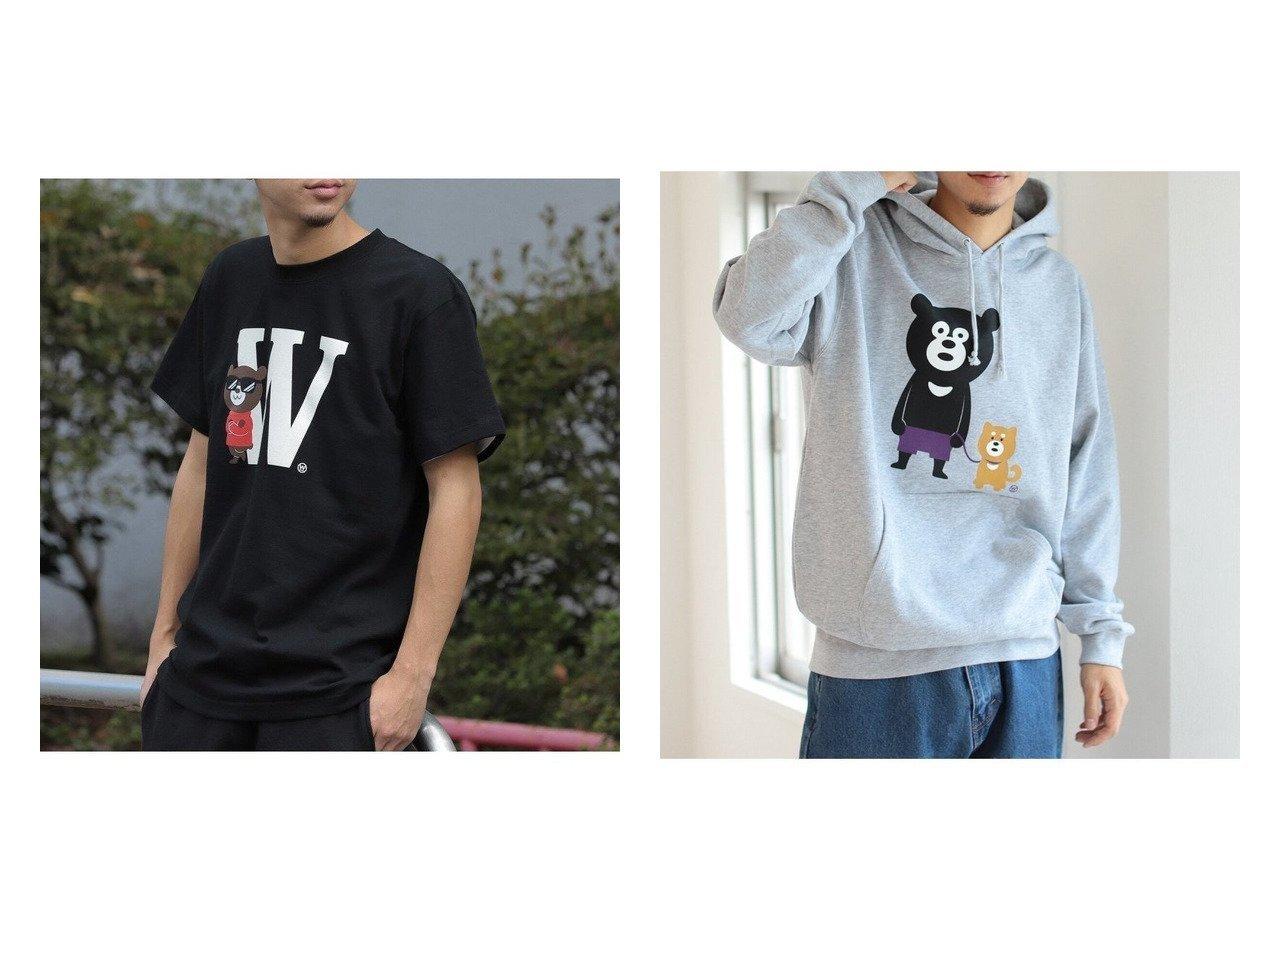 【BEAMS T / MEN/ビームスT】の【SPECIAL PRICE】 Dog Bear パーカ&The Wonderful! design works. BEAR Tシャツ 【MEN】BEAMSのおすすめ!人気トレンド・男性、メンズファッションの通販 おすすめで人気の流行・トレンド、ファッションの通販商品 メンズファッション・キッズファッション・インテリア・家具・レディースファッション・服の通販 founy(ファニー) https://founy.com/ ファッション Fashion メンズファッション MEN トップス Tops Tshirt Men シャツ Shirts パーカ Sweats カットソー クール サングラス スウェット |ID:crp329100000017287